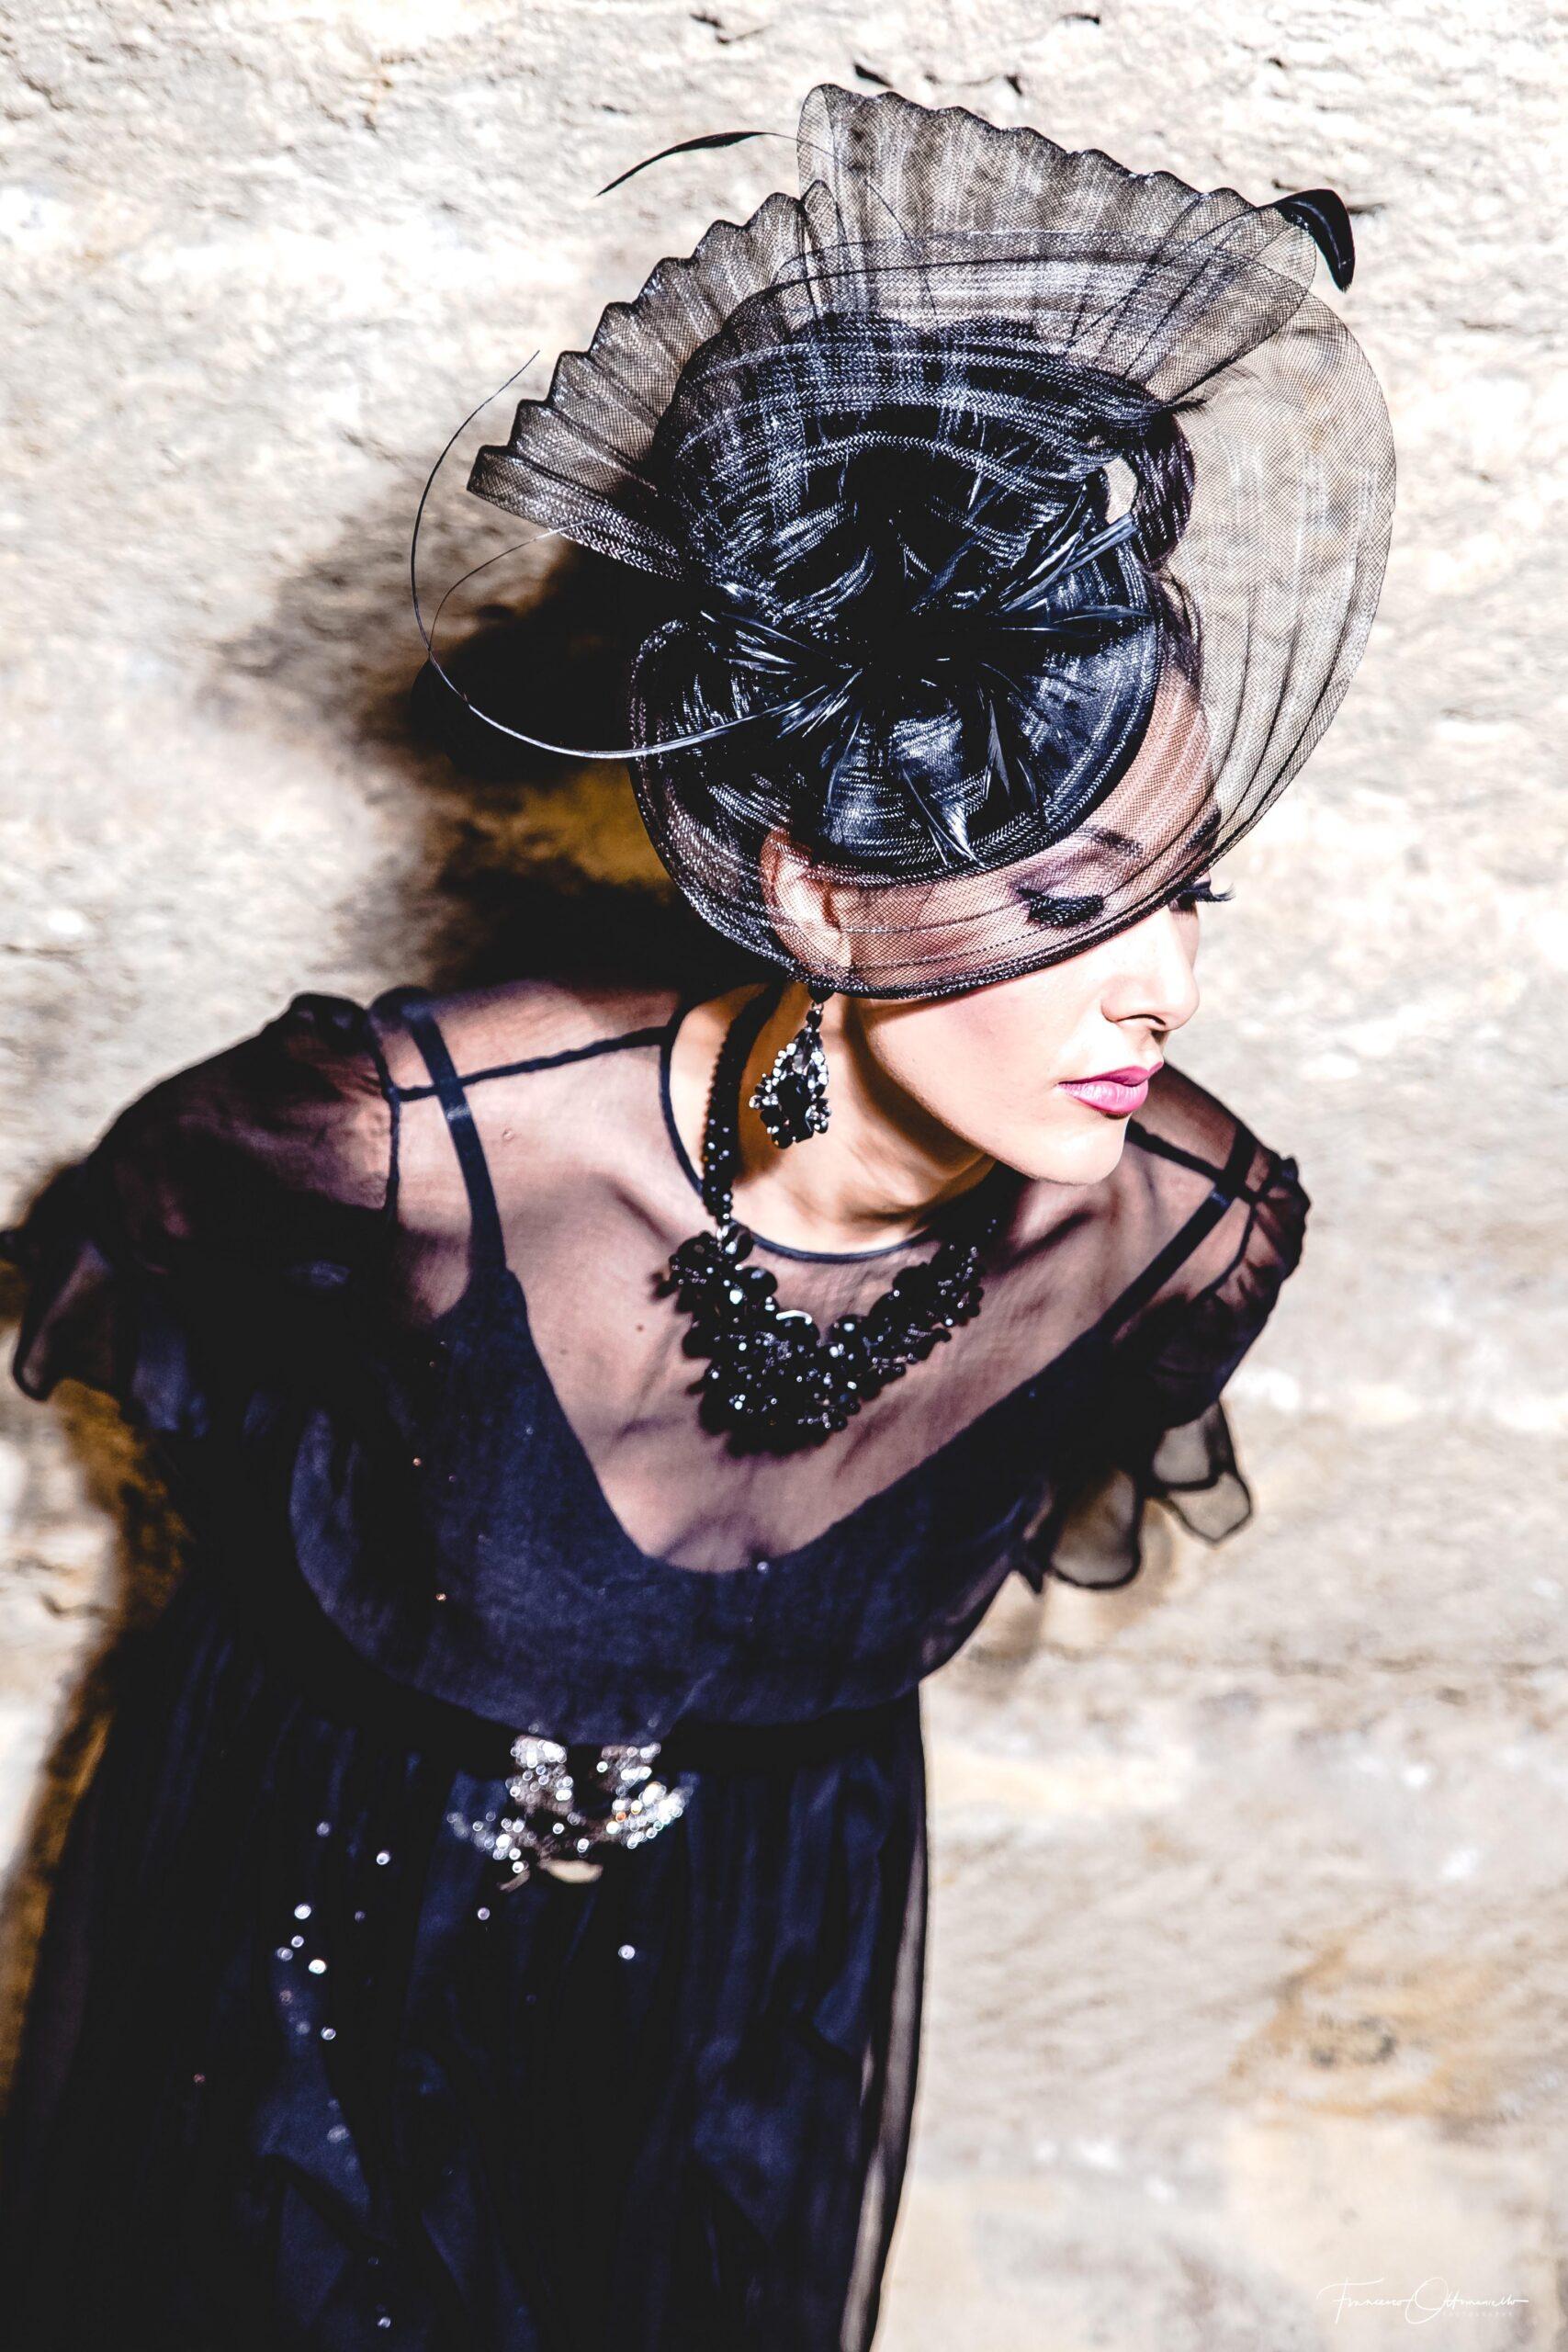 L'arte, la bellezza e l'eleganza nell'alta moda di Roberto Guarducci